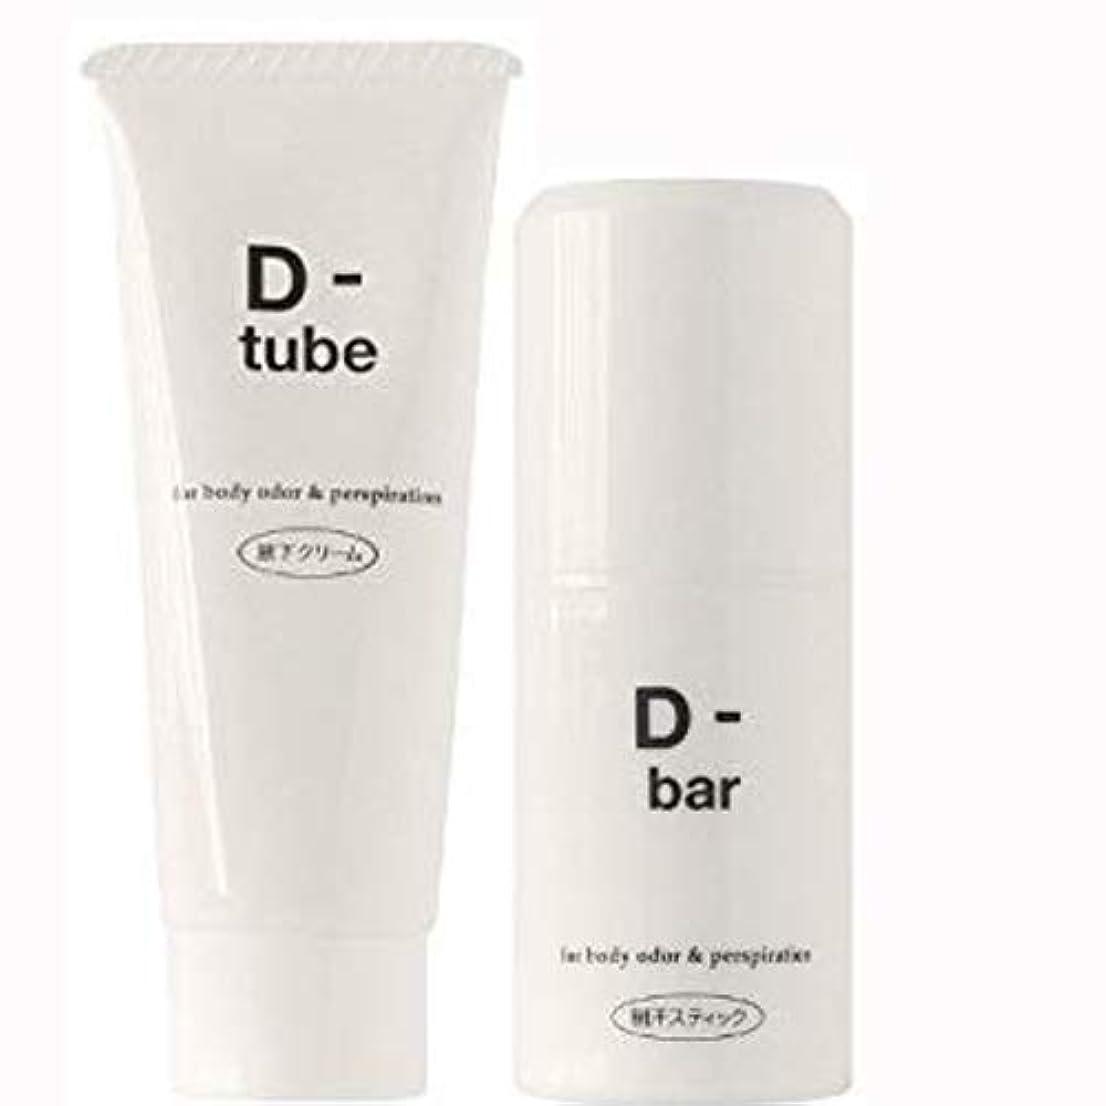 電子逆誰の【セット】ディーチューブ(D-tube)+ディーバーセット(4511116760024+4511116760017)